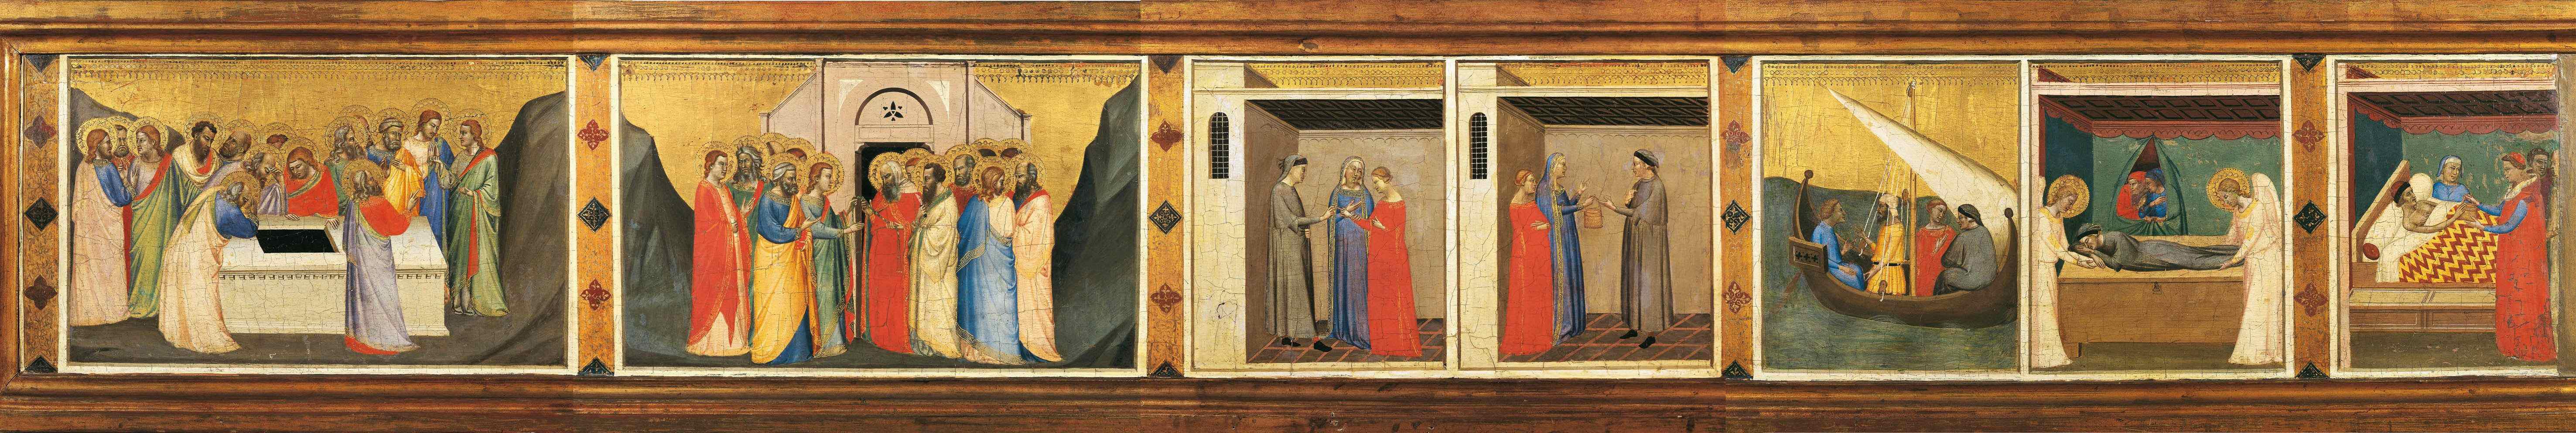 1_bernardo-daddi-storie-della-sacra-cintola-prato-museo-di-palazzo-pretorio